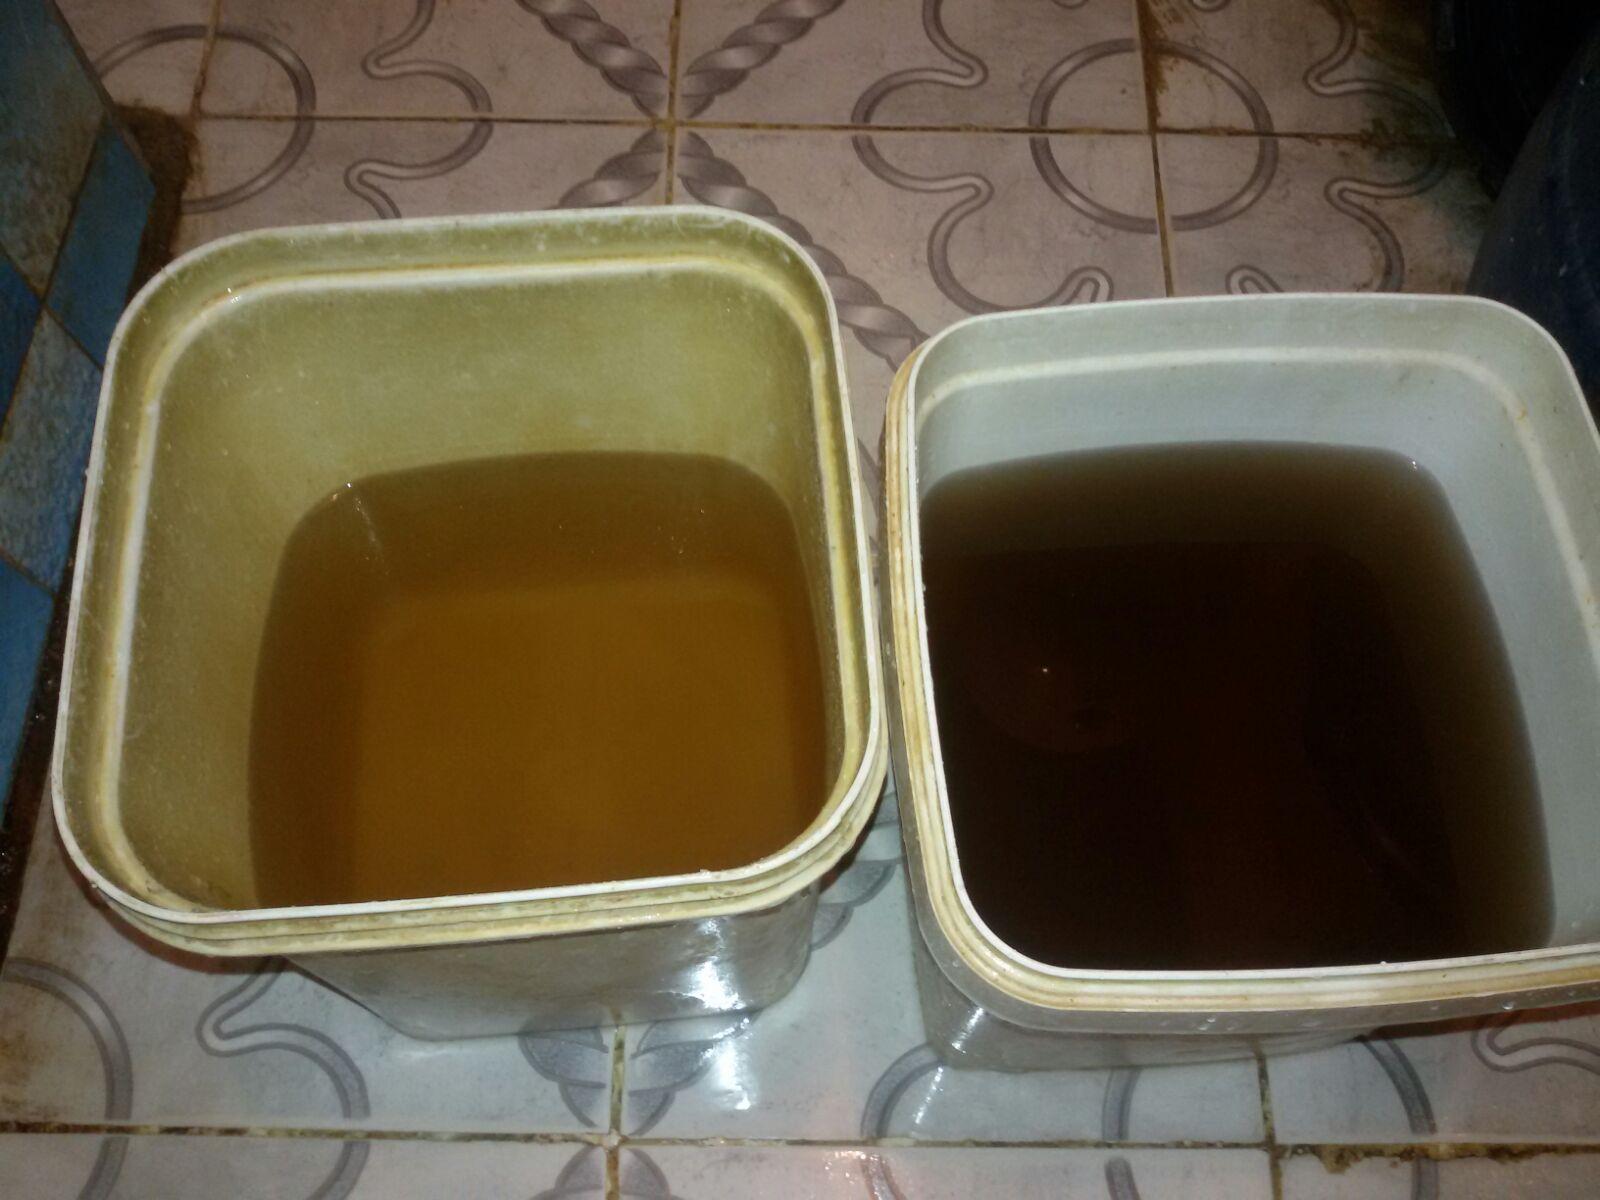 📷 تلوث مياه إحدى قرى الزقازيق الشرقية.. وتغير لونها إلى الأصفر والبني